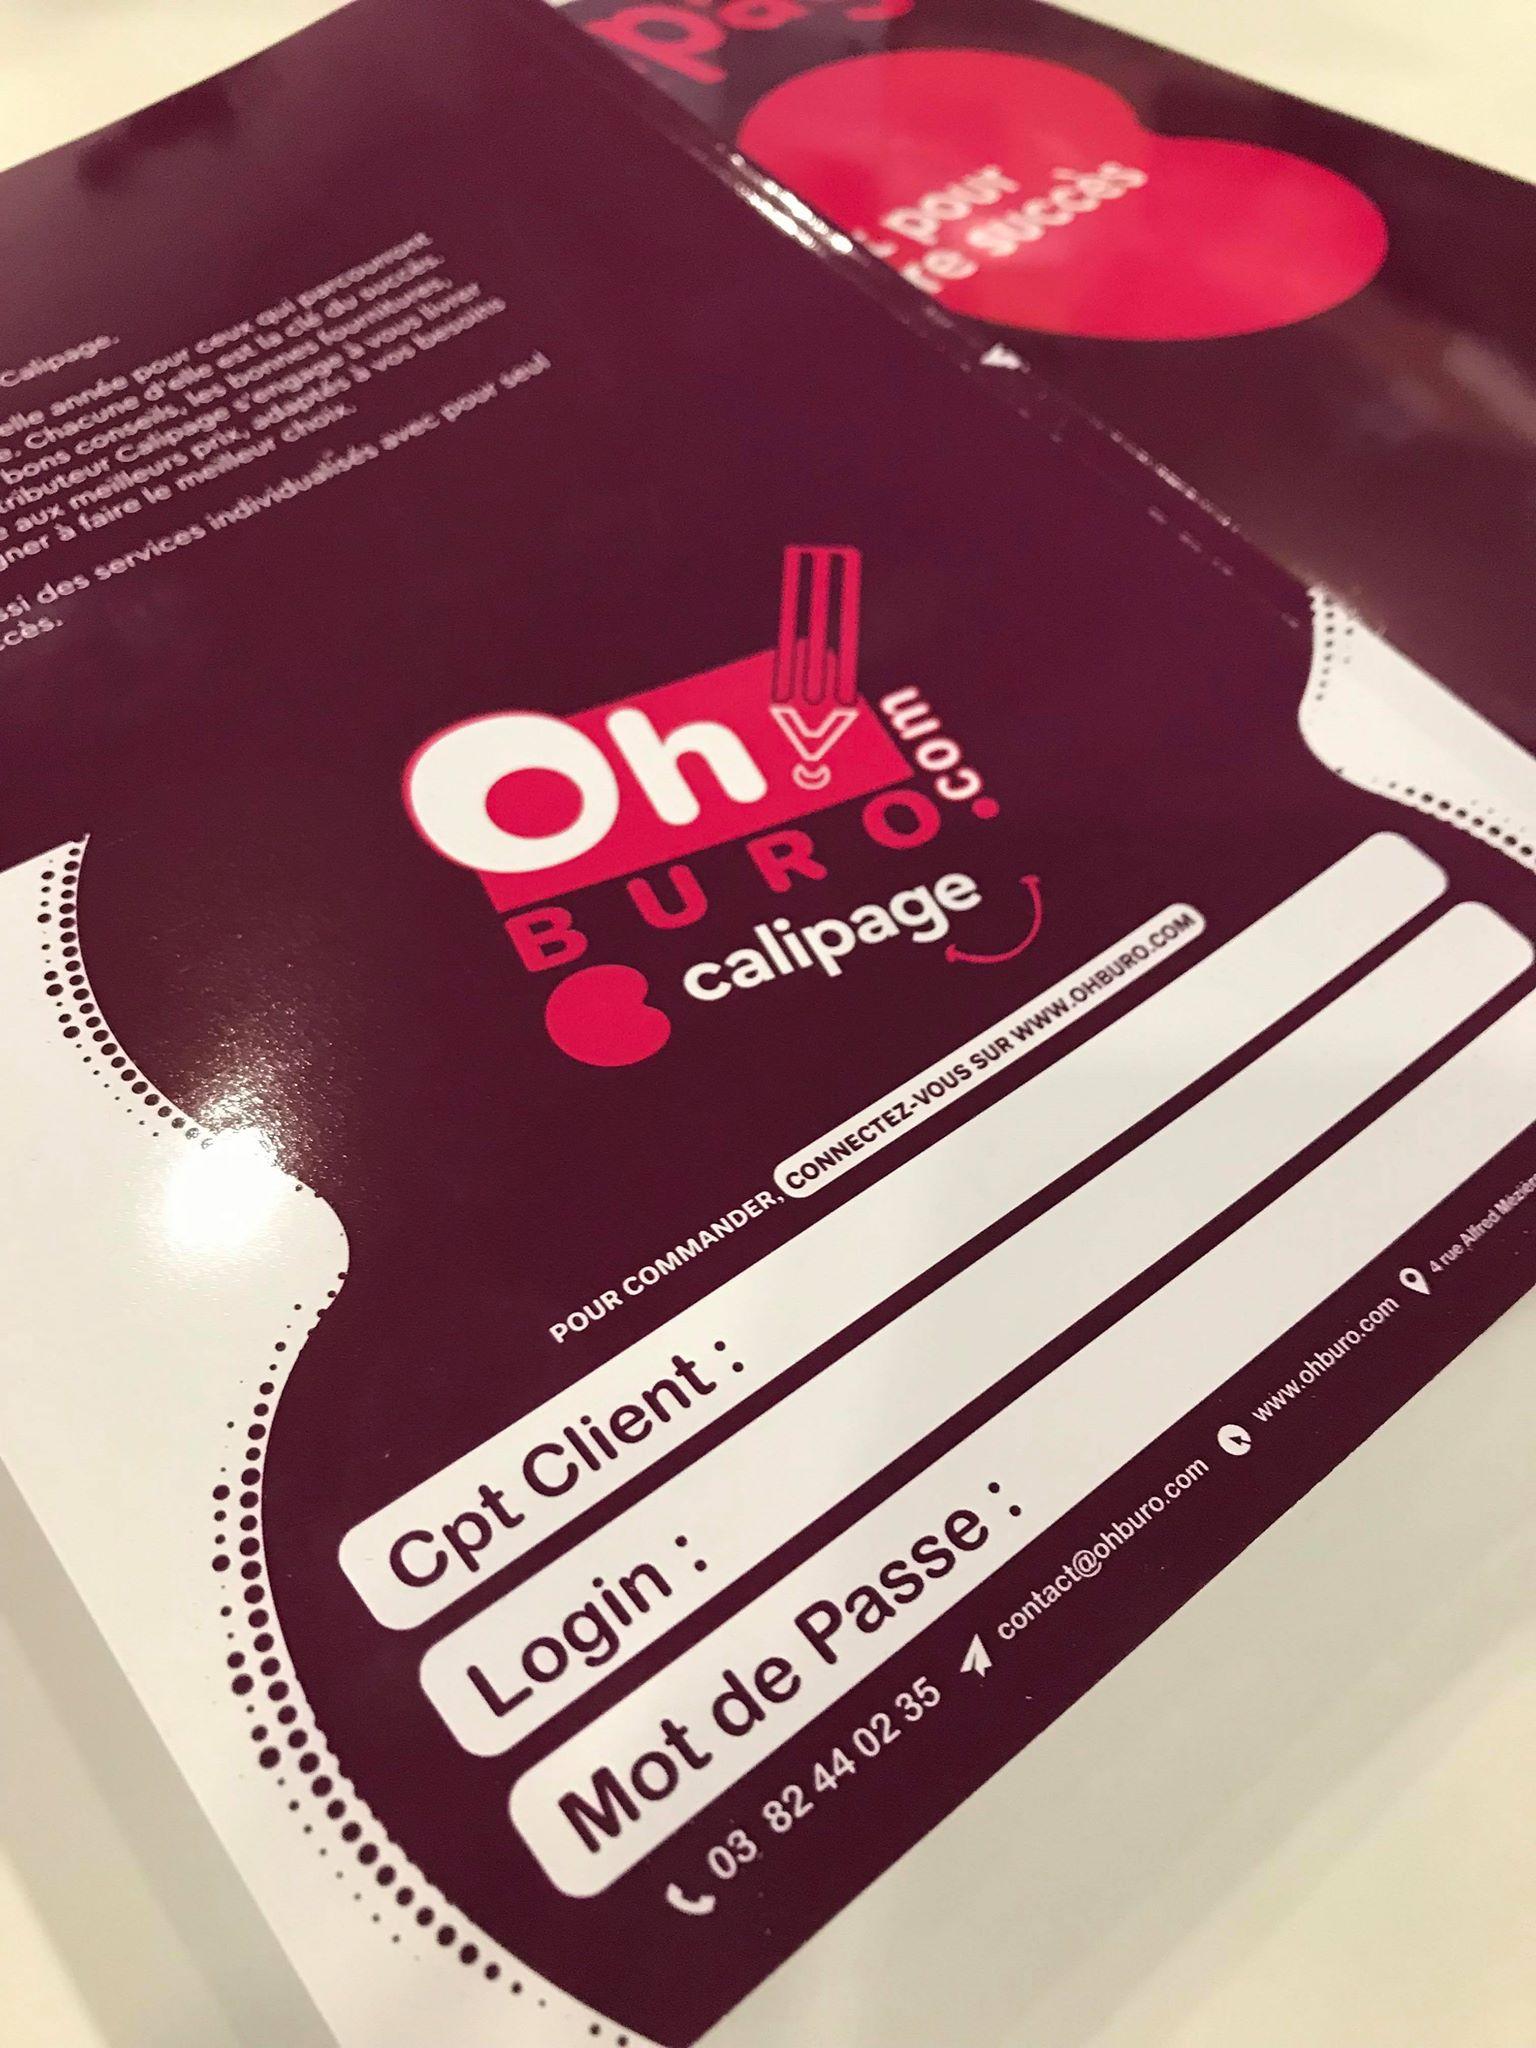 Couverture de catalogue Calipage en collaboration avec OhBuro!